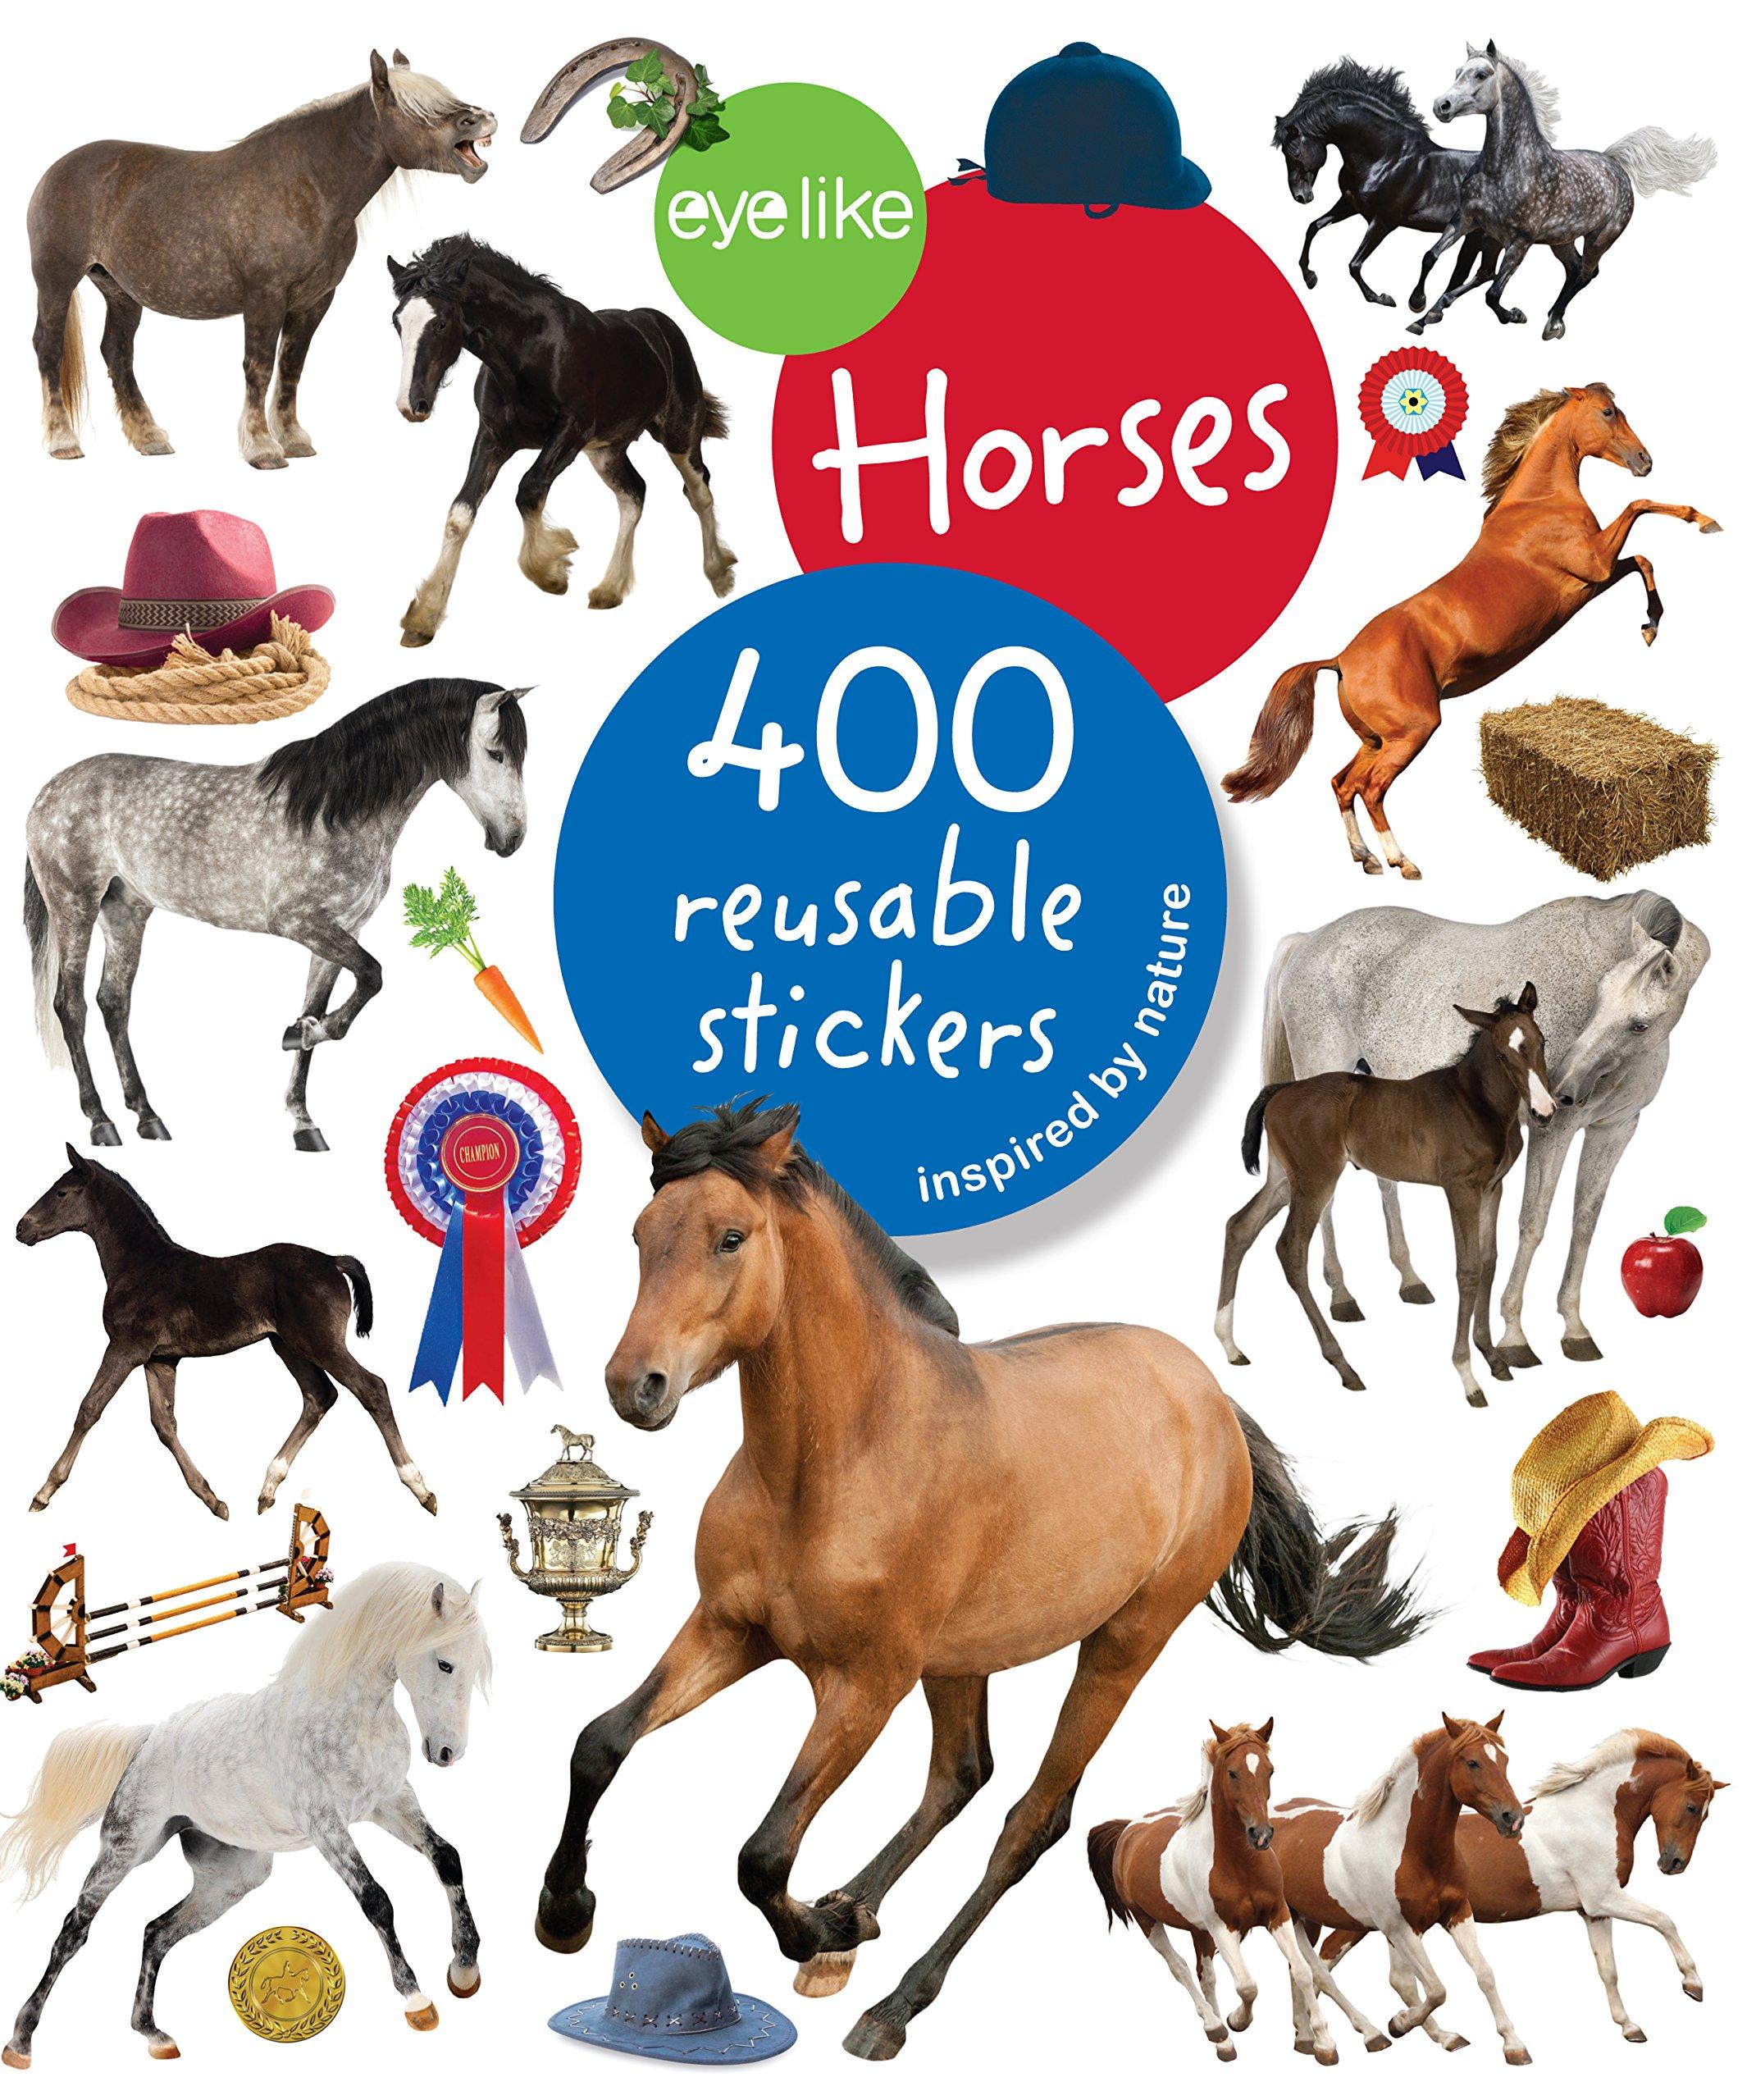 Eyelike Stickers Horses Workman Publishing product image